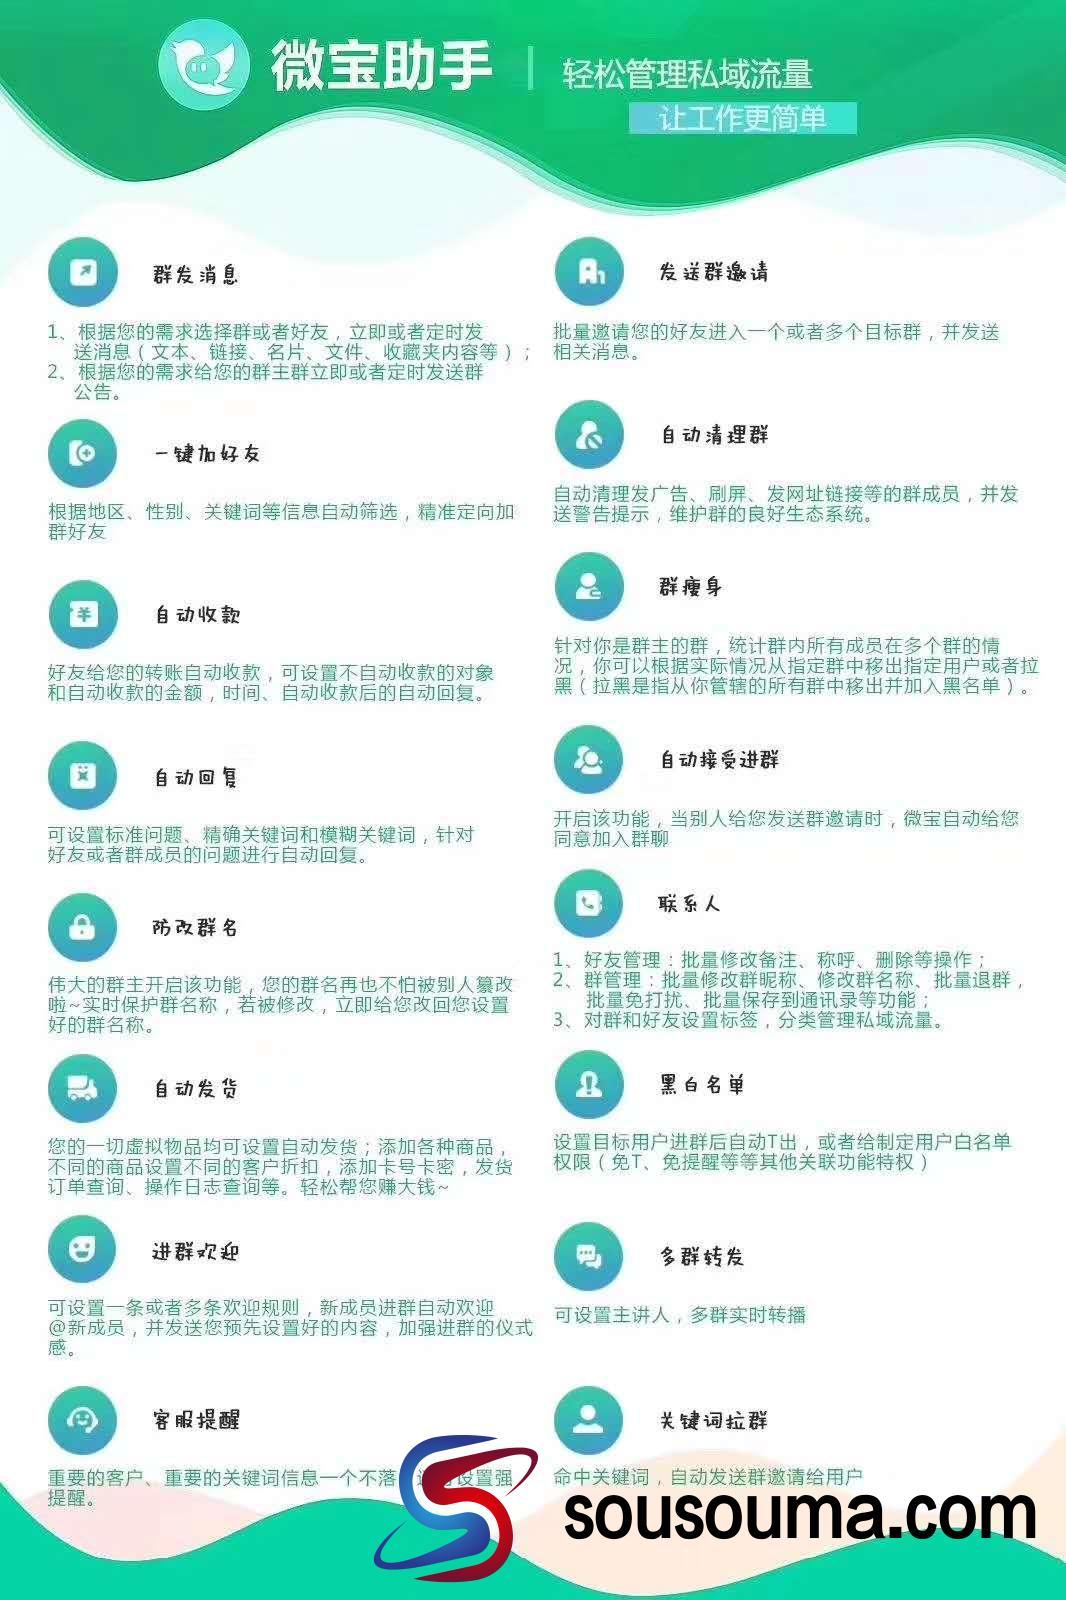 【微宝助手官网】电脑版微信营销软件可10开wetoo替代版